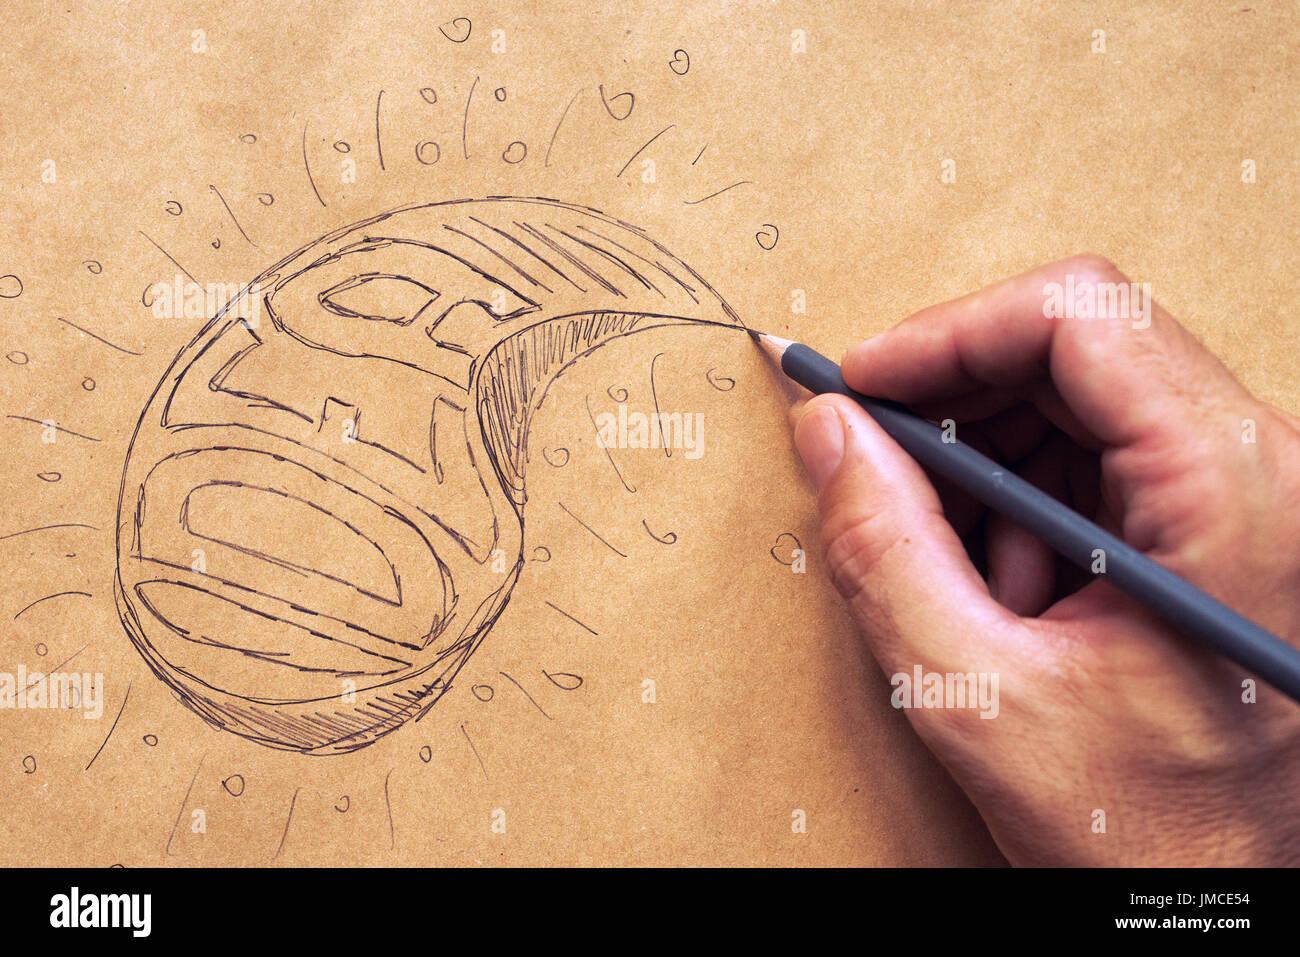 Les nouvelles idées et l'innovation, la créativité en design graphique, illustration et l'écriture Photo Stock